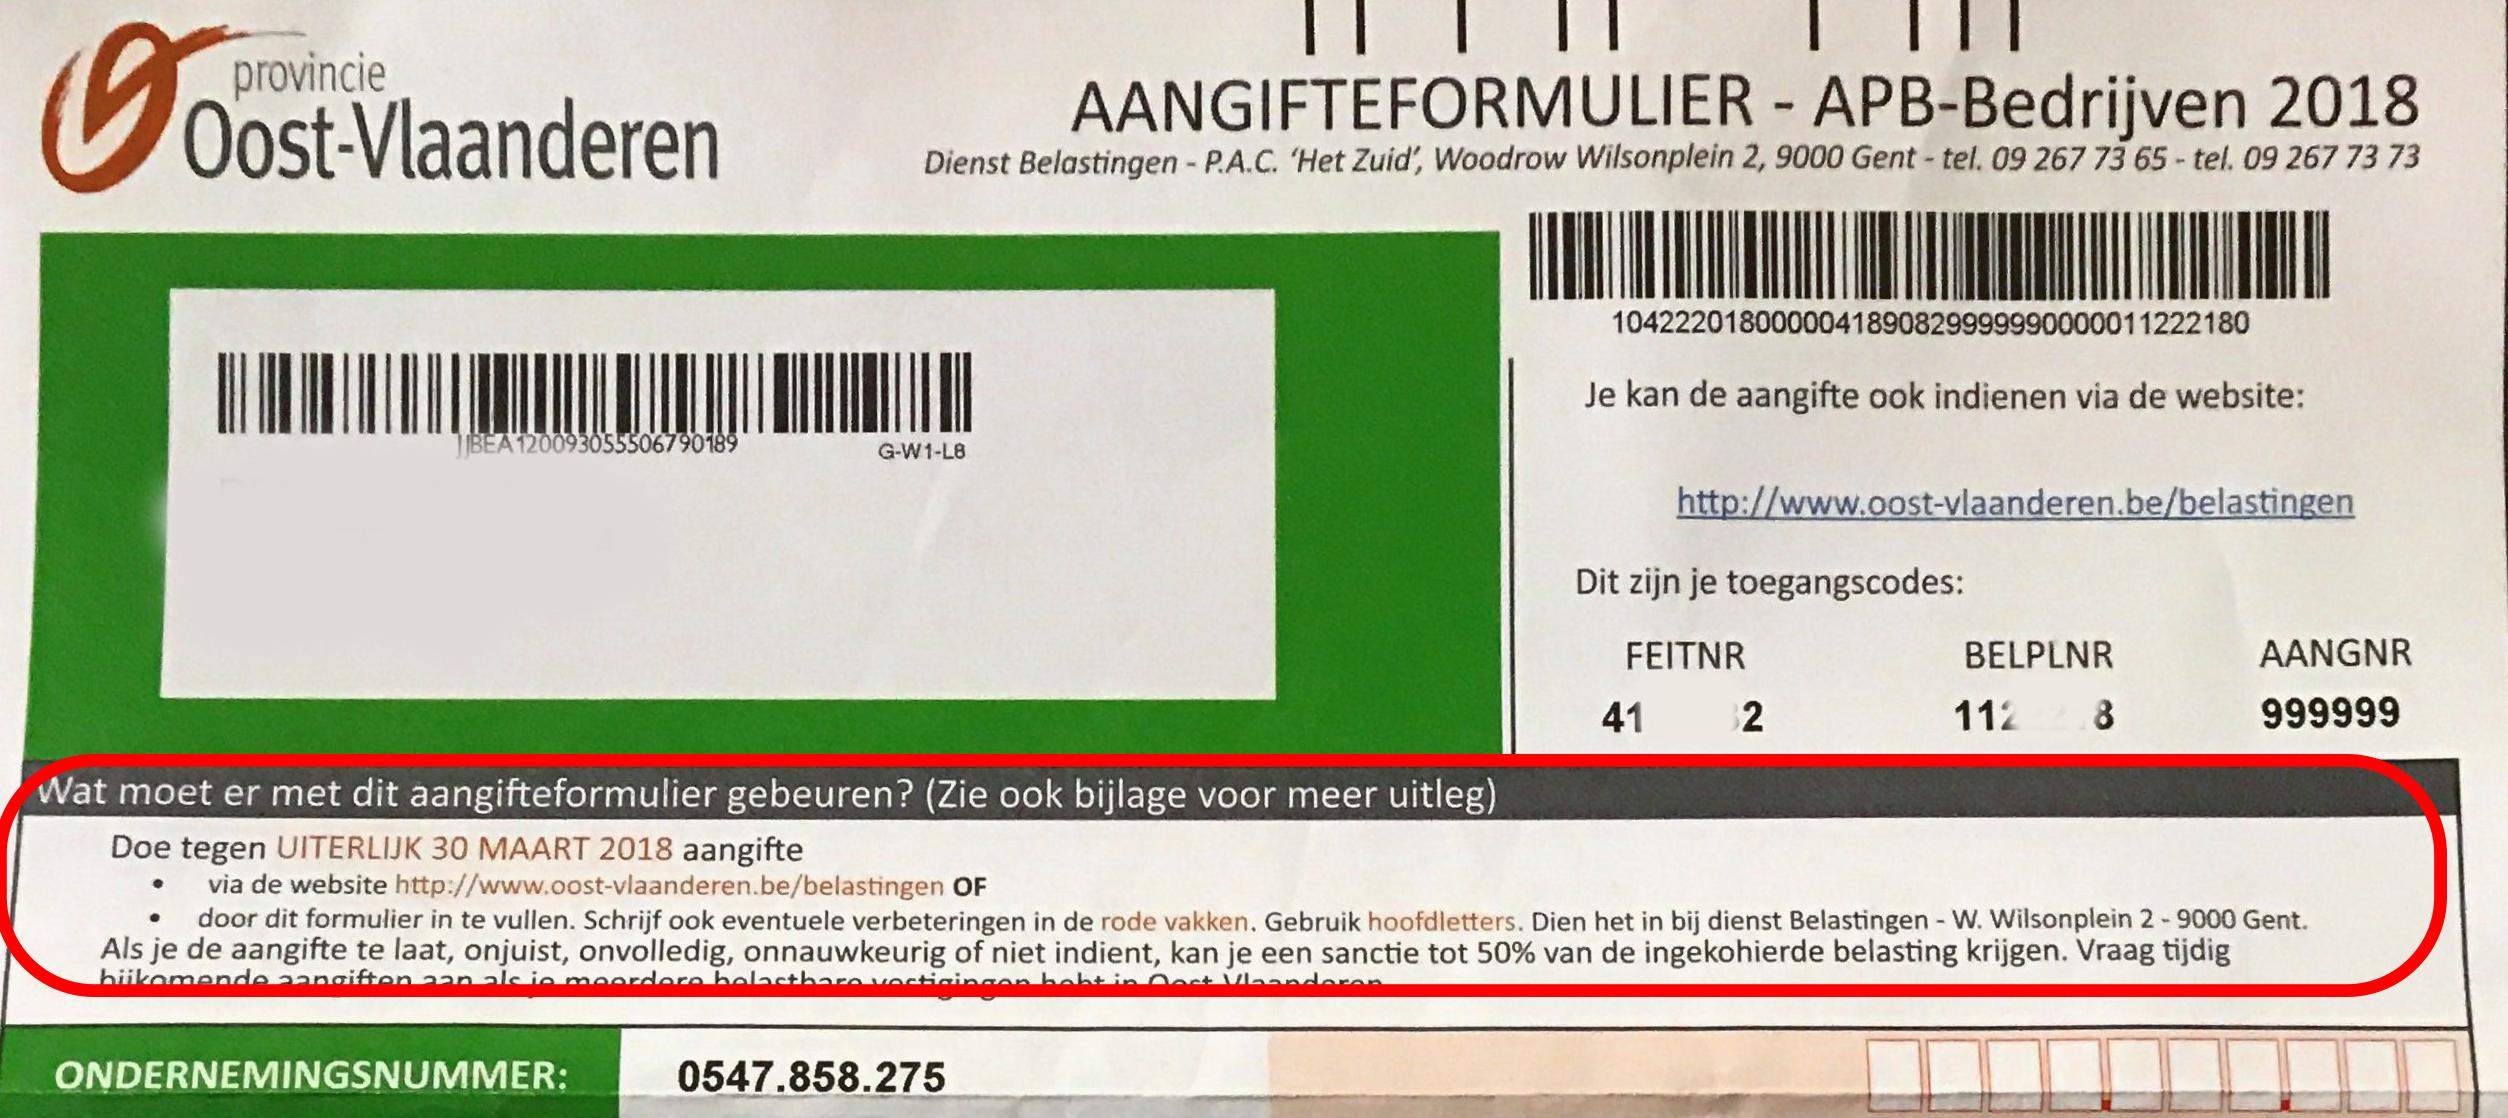 Aangifteformulier APB bedrijven 2018 - aangifte provinciebelasting Oost-Vlaanderen